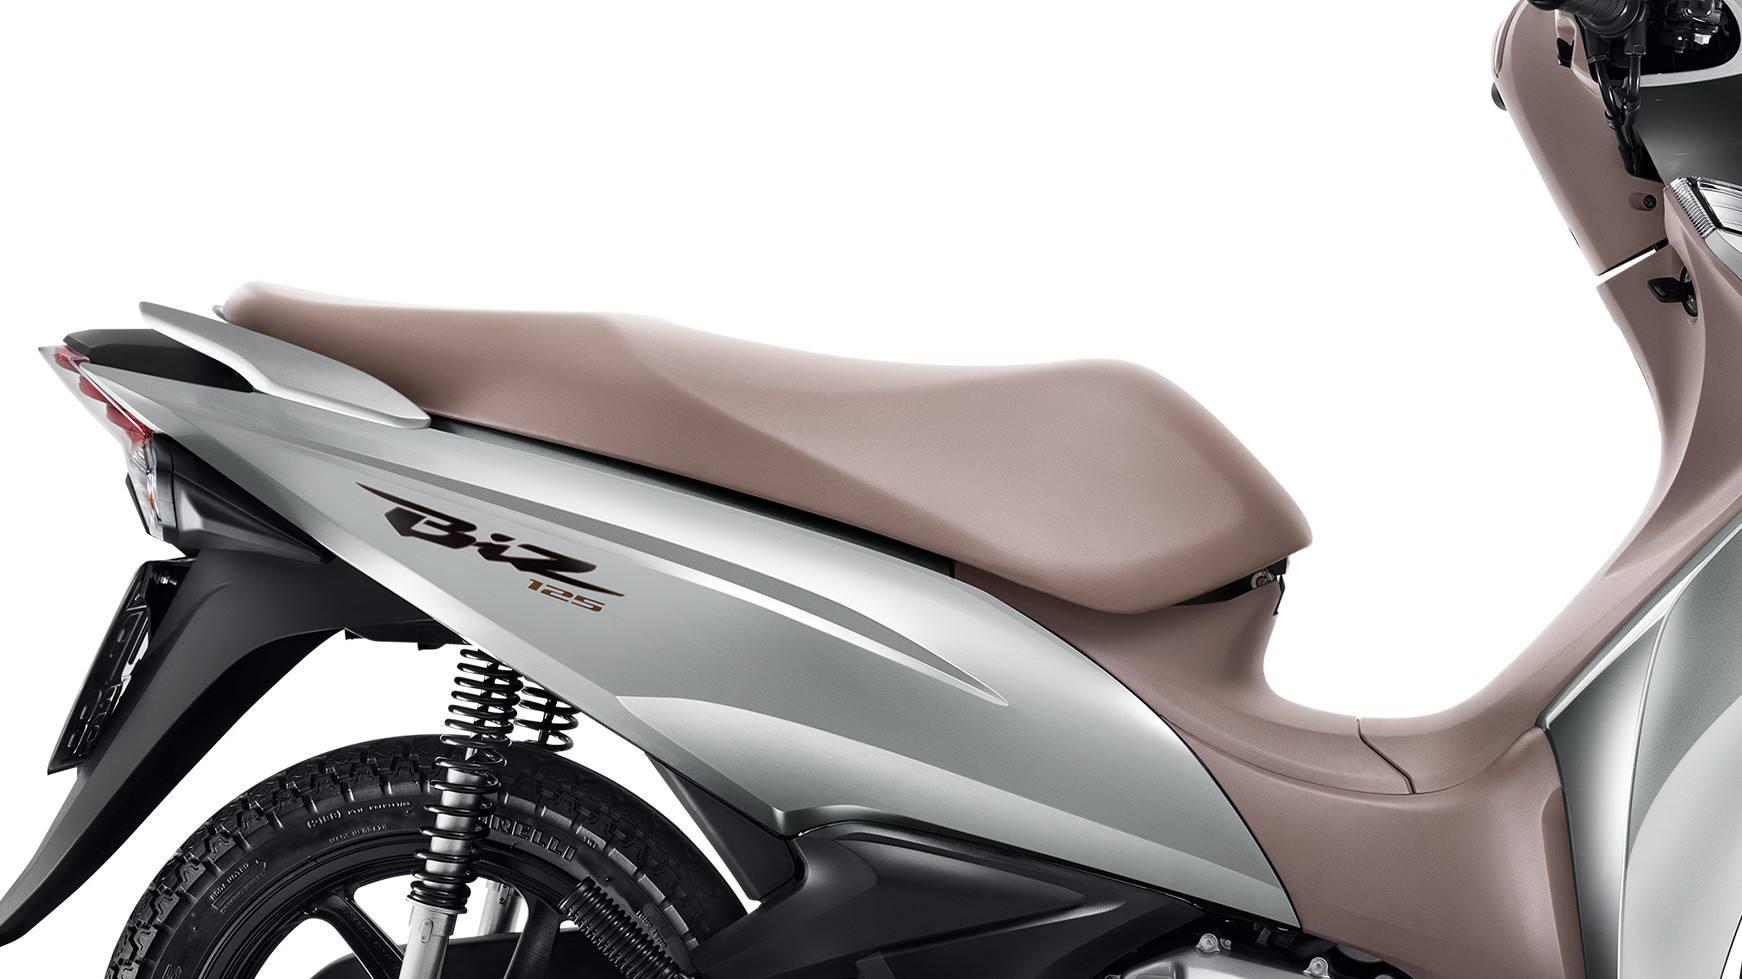 Como é A Nova Honda Biz 125 2019 Que Veio Com Novas Cores E